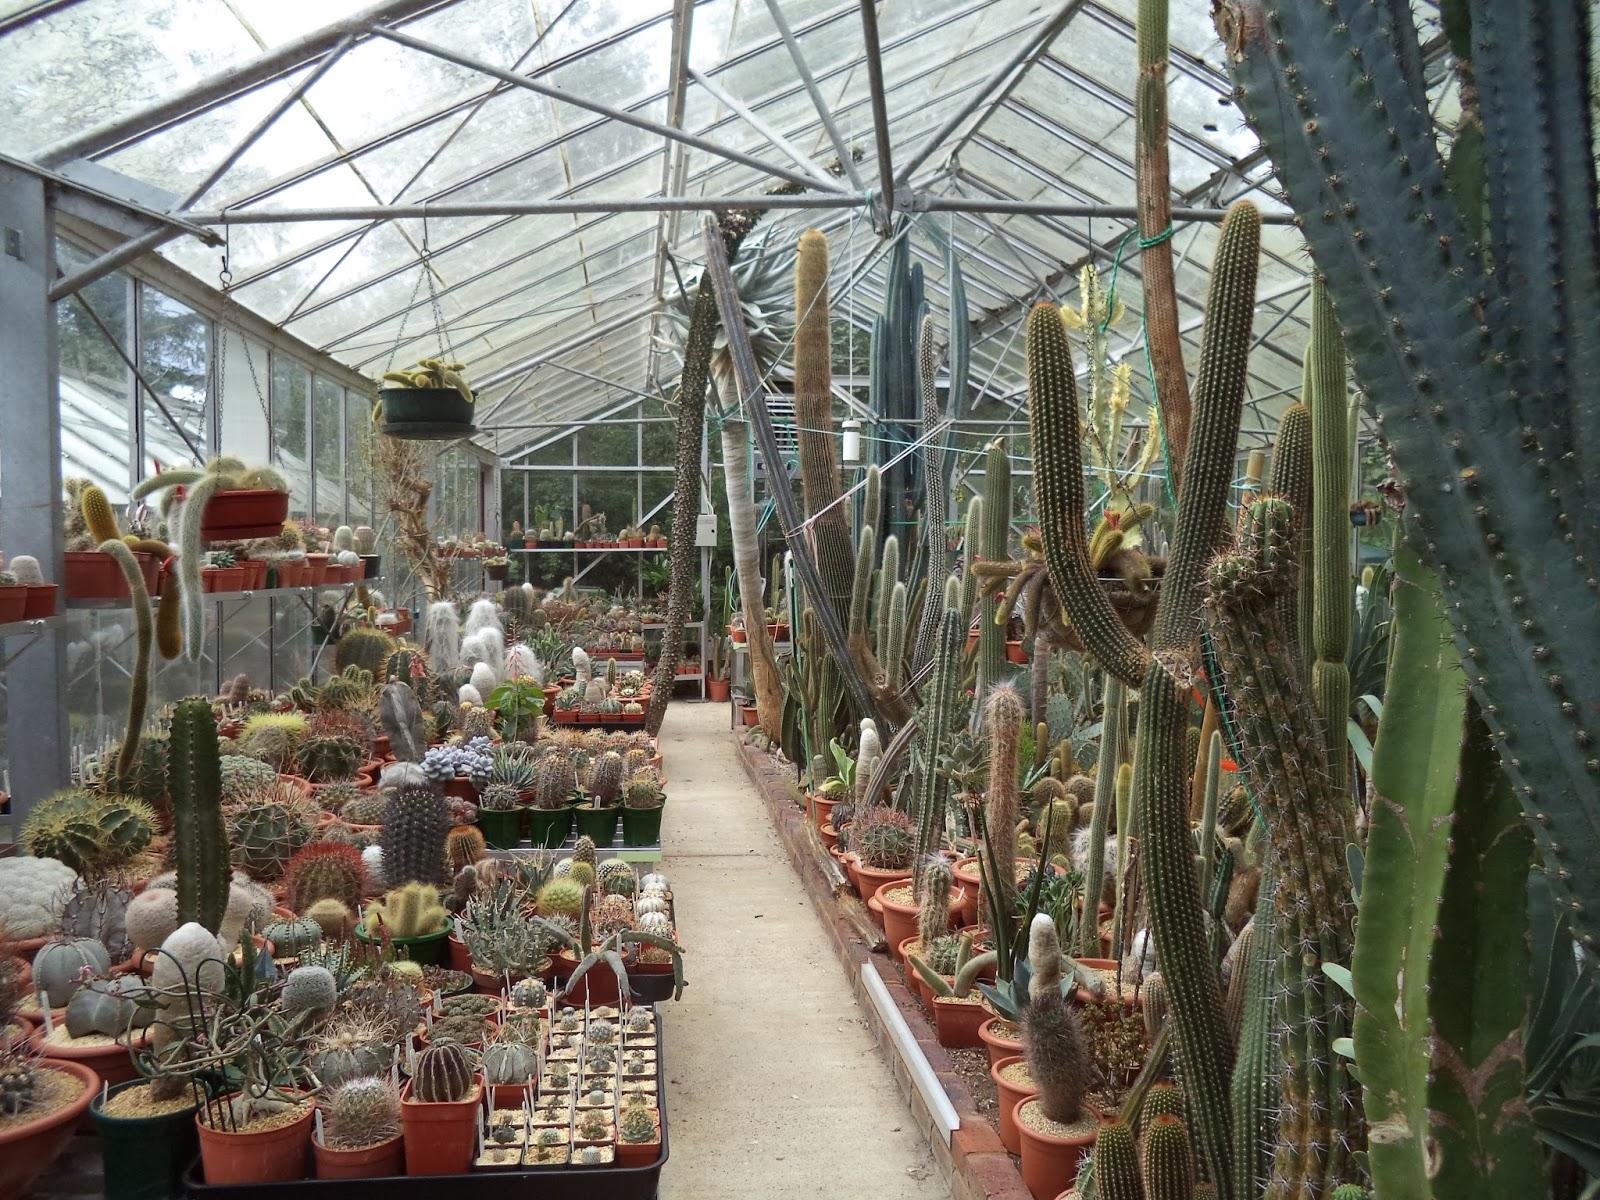 DSC01668 Cactus Plants Inside Home on inside desert plants, inside bonsai plants, inside flowers plants, inside rose plants, inside trees plants, inside bamboo plants, inside fern plants, inside flowering plants,